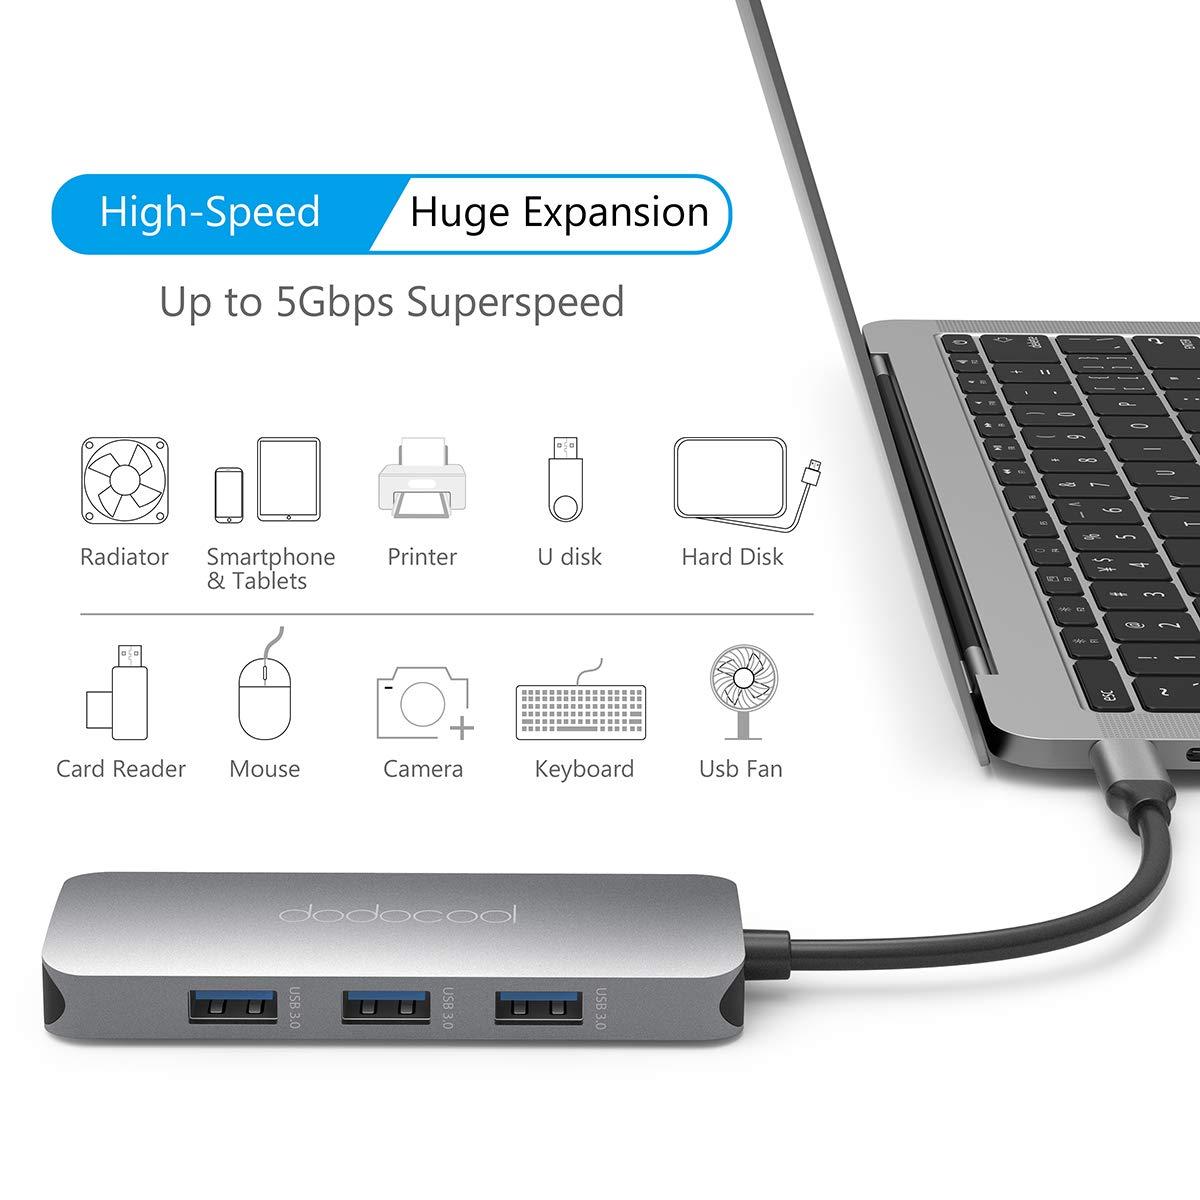 Oferta Hub USB C dodocool 7 en 1 para Macbook o Chromebook por 22 euros (Cupón Descuento) 1 hub usb c hootoo